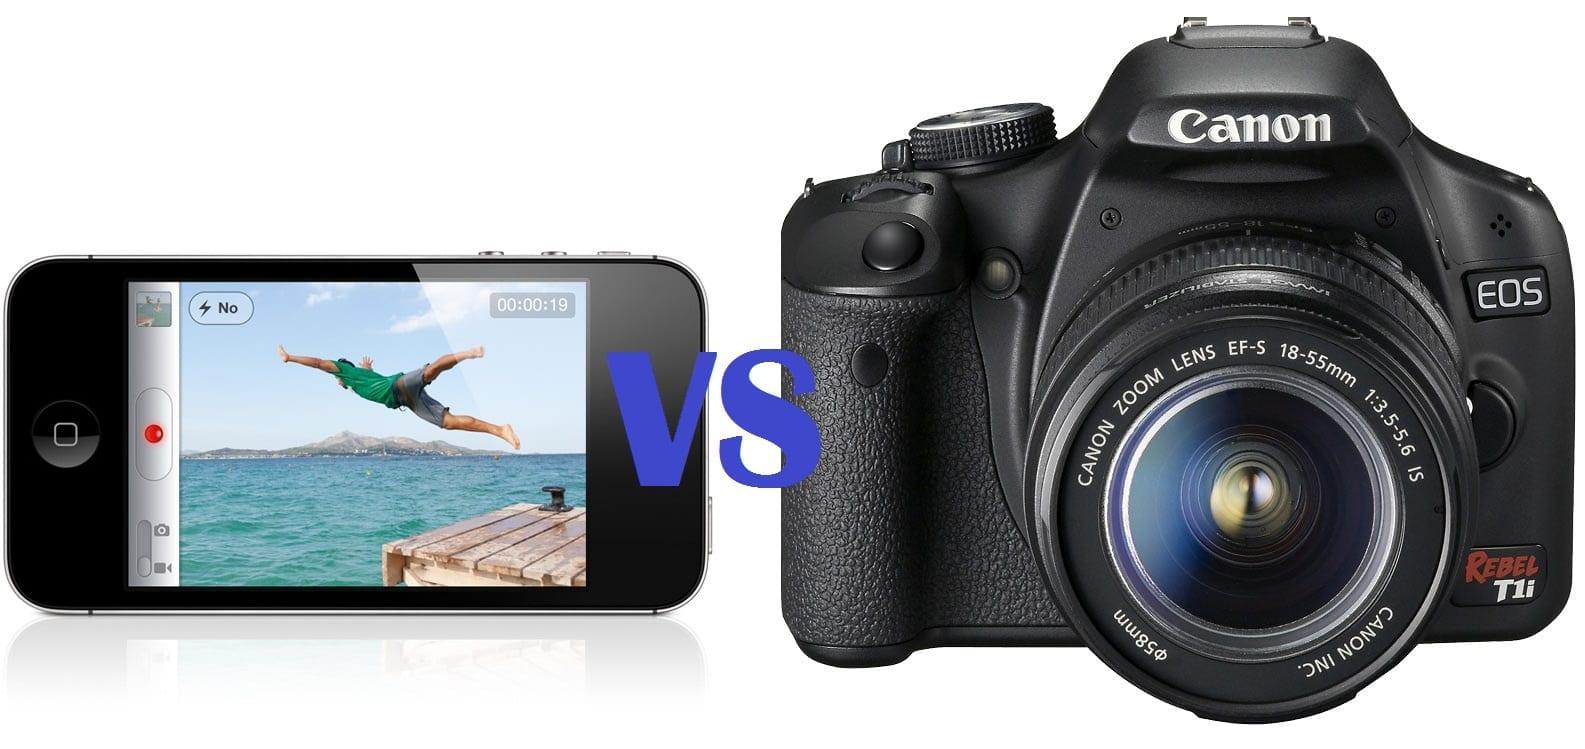 Confronto video tra iPhone 4S vs Canon 500D/T1i [Video]